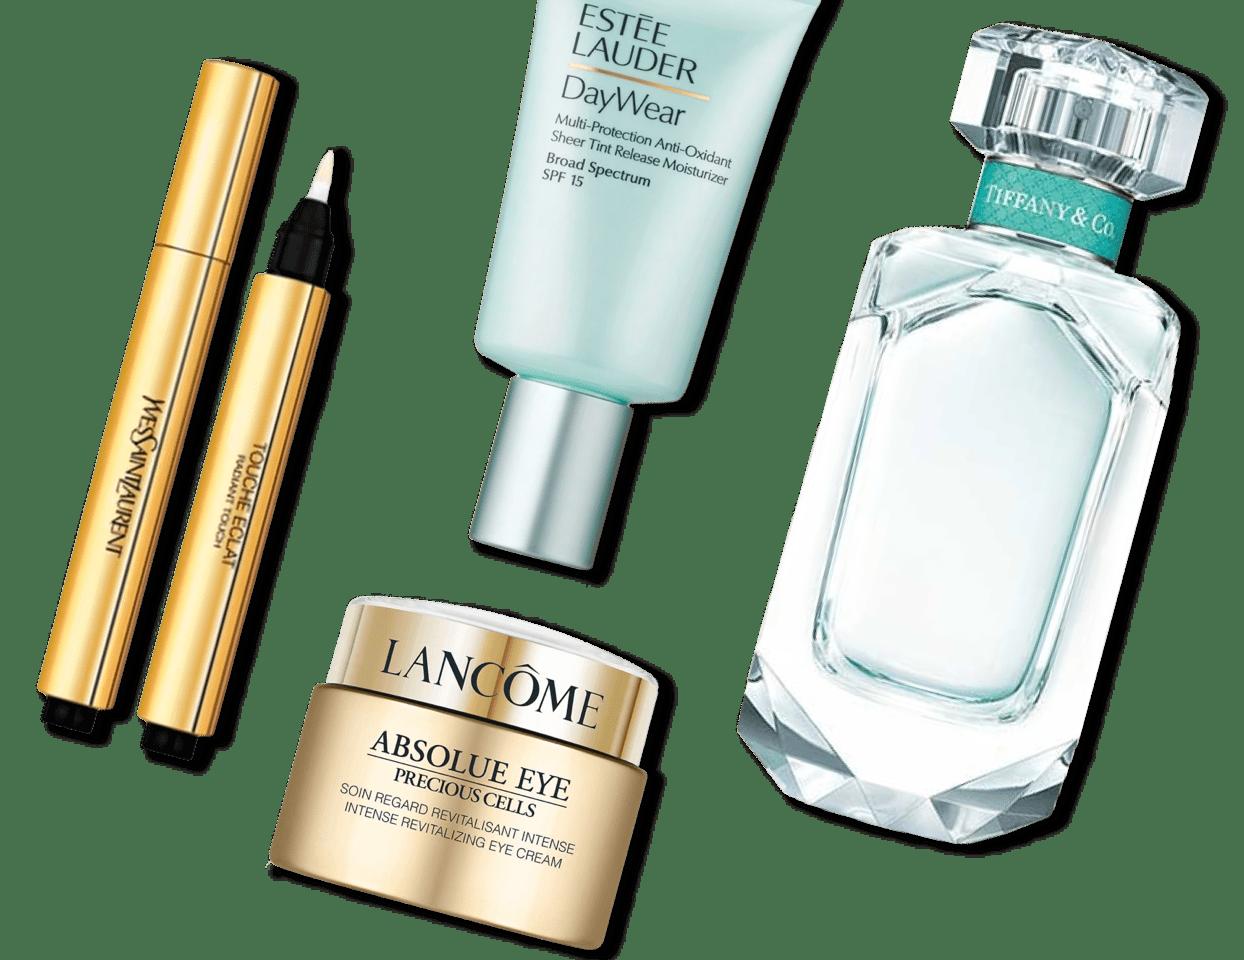 Luxury beauty brands